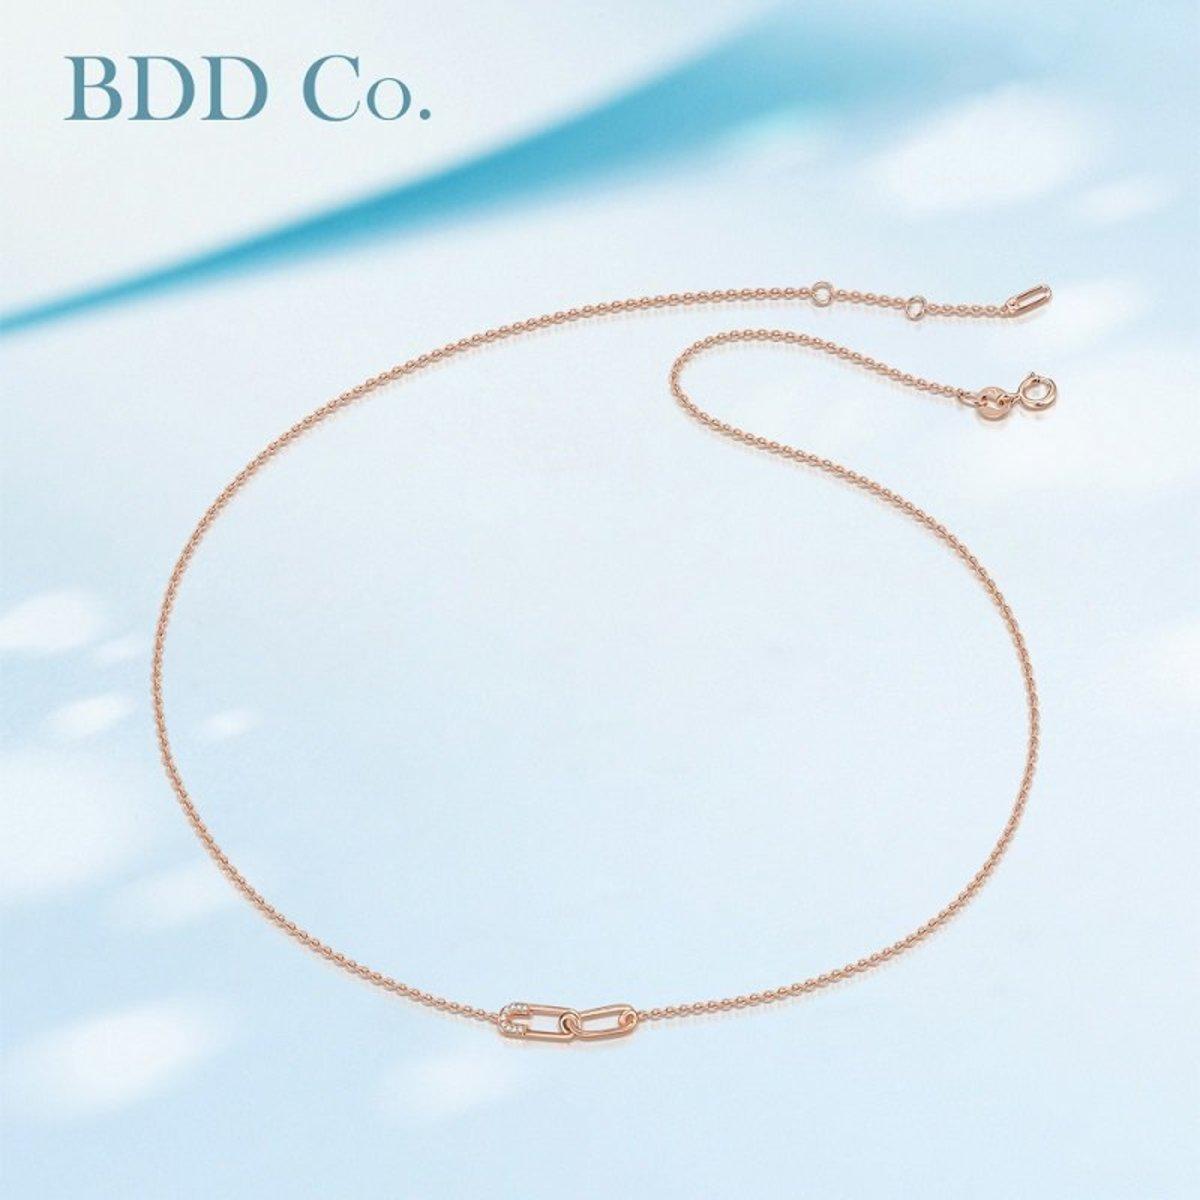 【BDD-Co.】18k玫瑰金 設計感別針鑽石項鏈